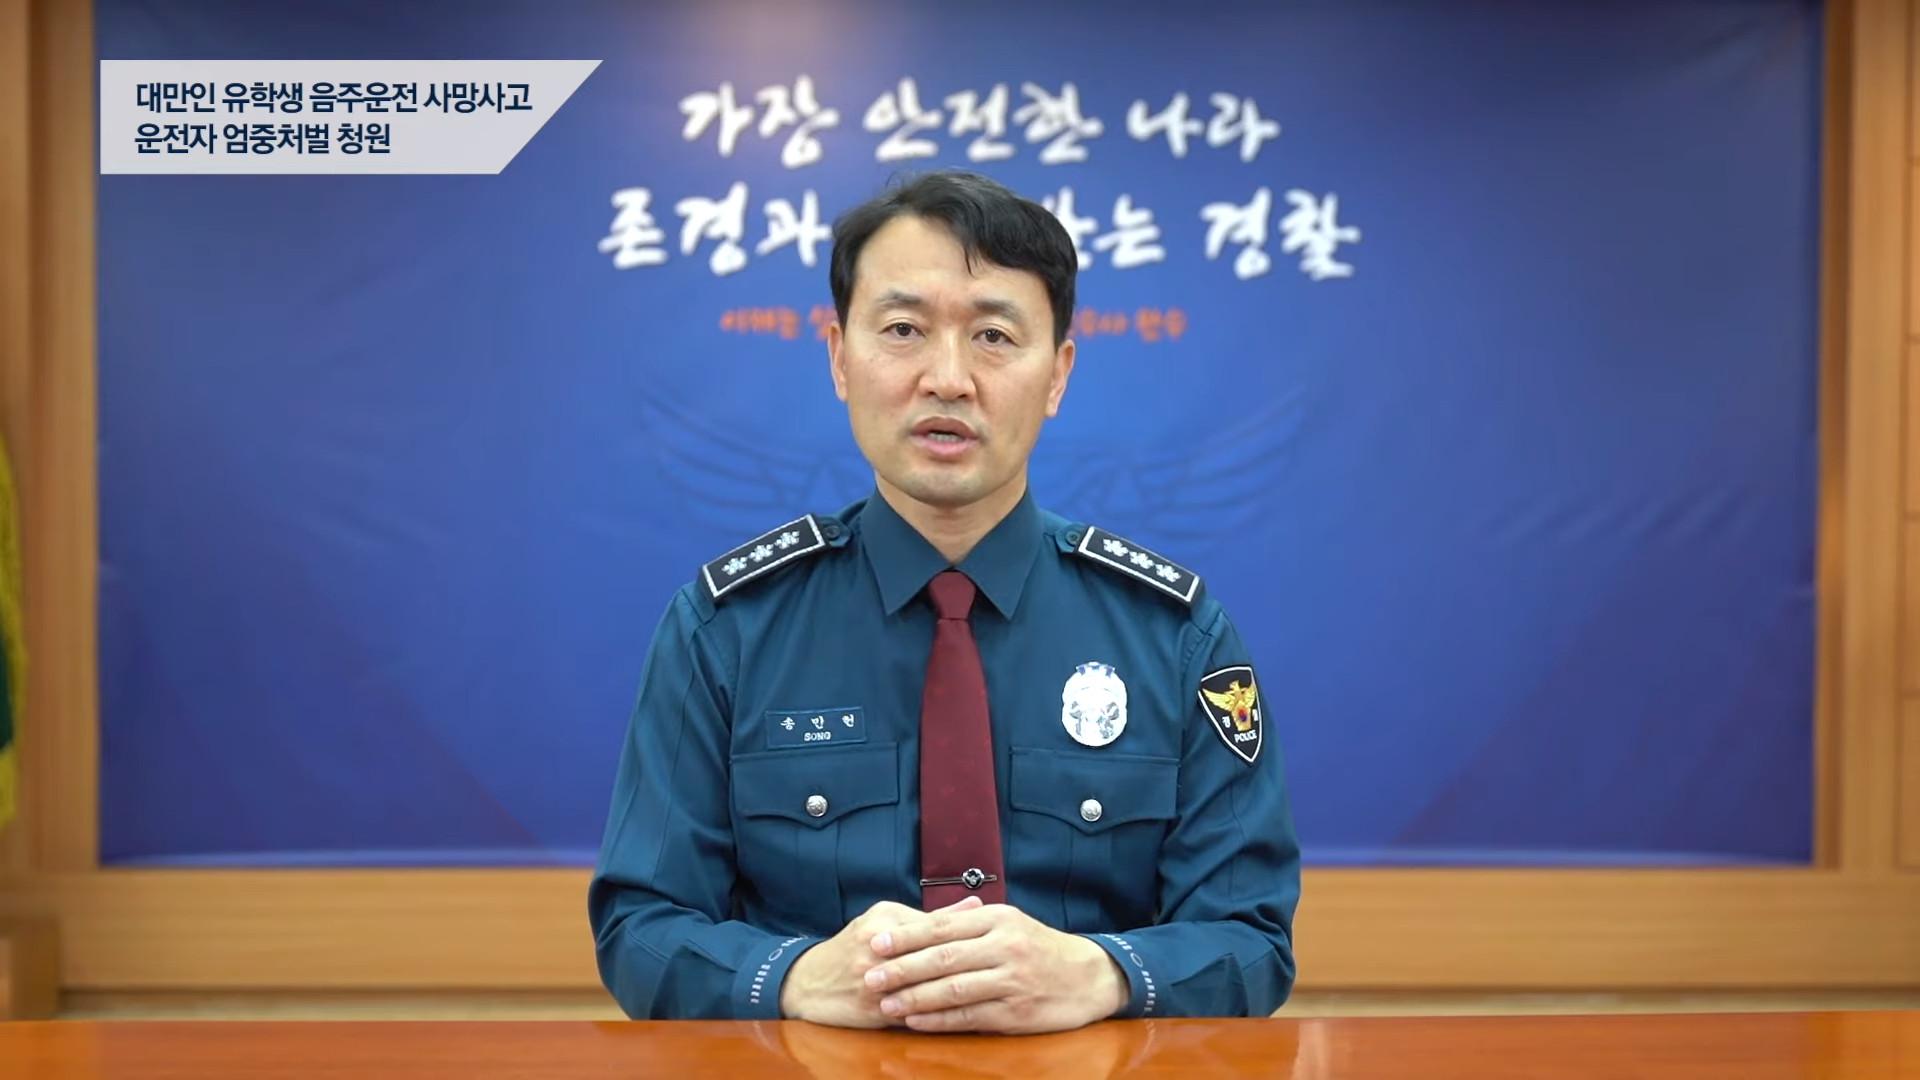 ▲▼南韓警察廳次長宋敏憲表示,政府承諾將更加嚴懲酒駕犯(圖/翻攝自青瓦台請願Youtube)